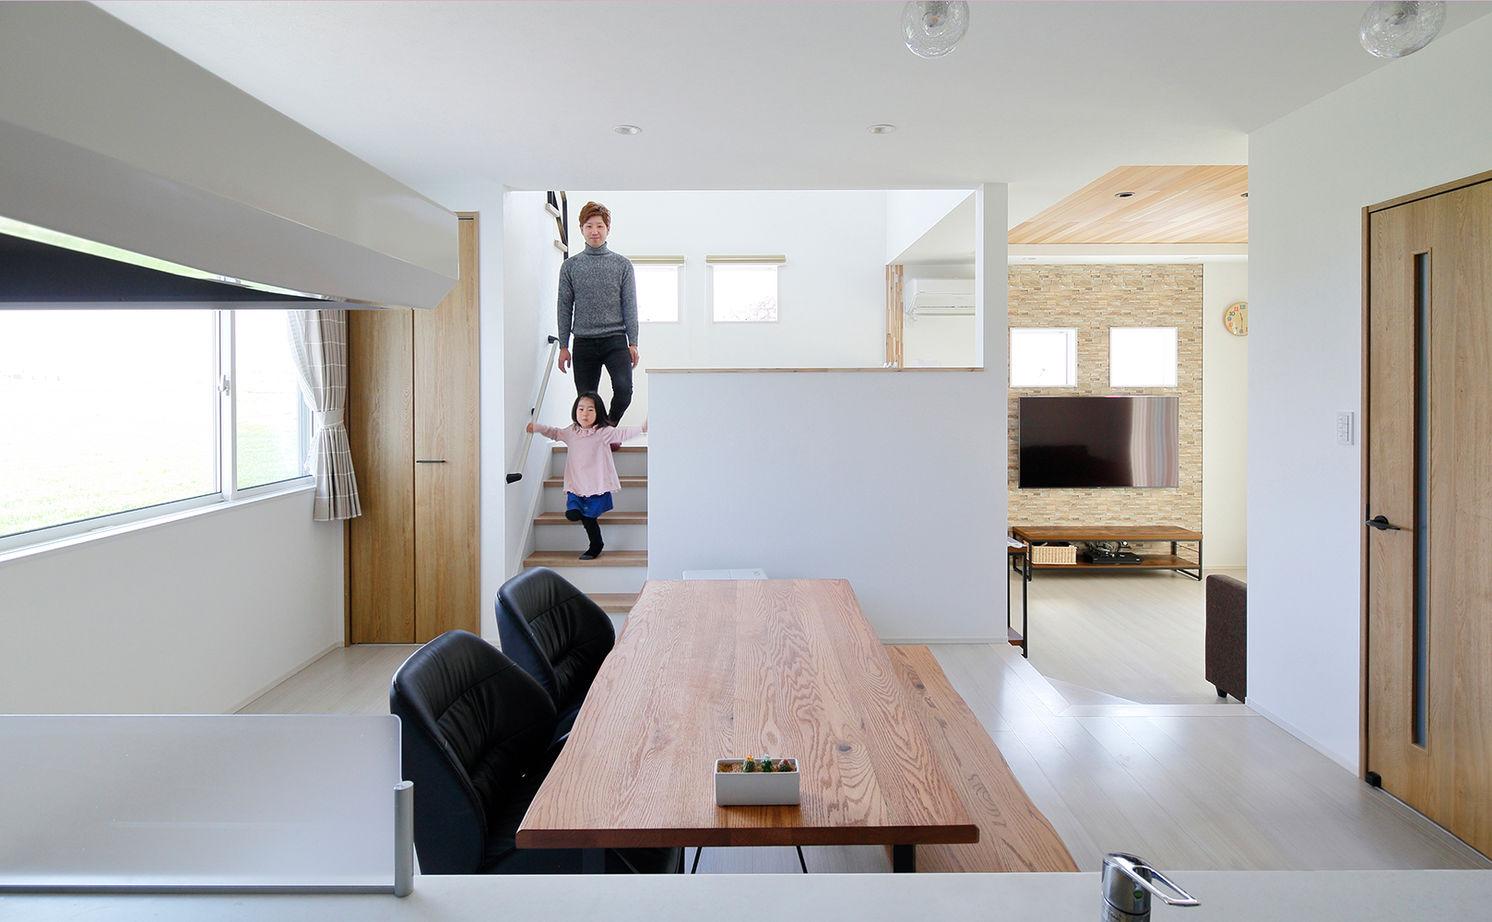 【建物本体価格2100万円/間取り図有】スキップフロアで繋がる空間は「家族がいつも一緒だと感じられます」画像1